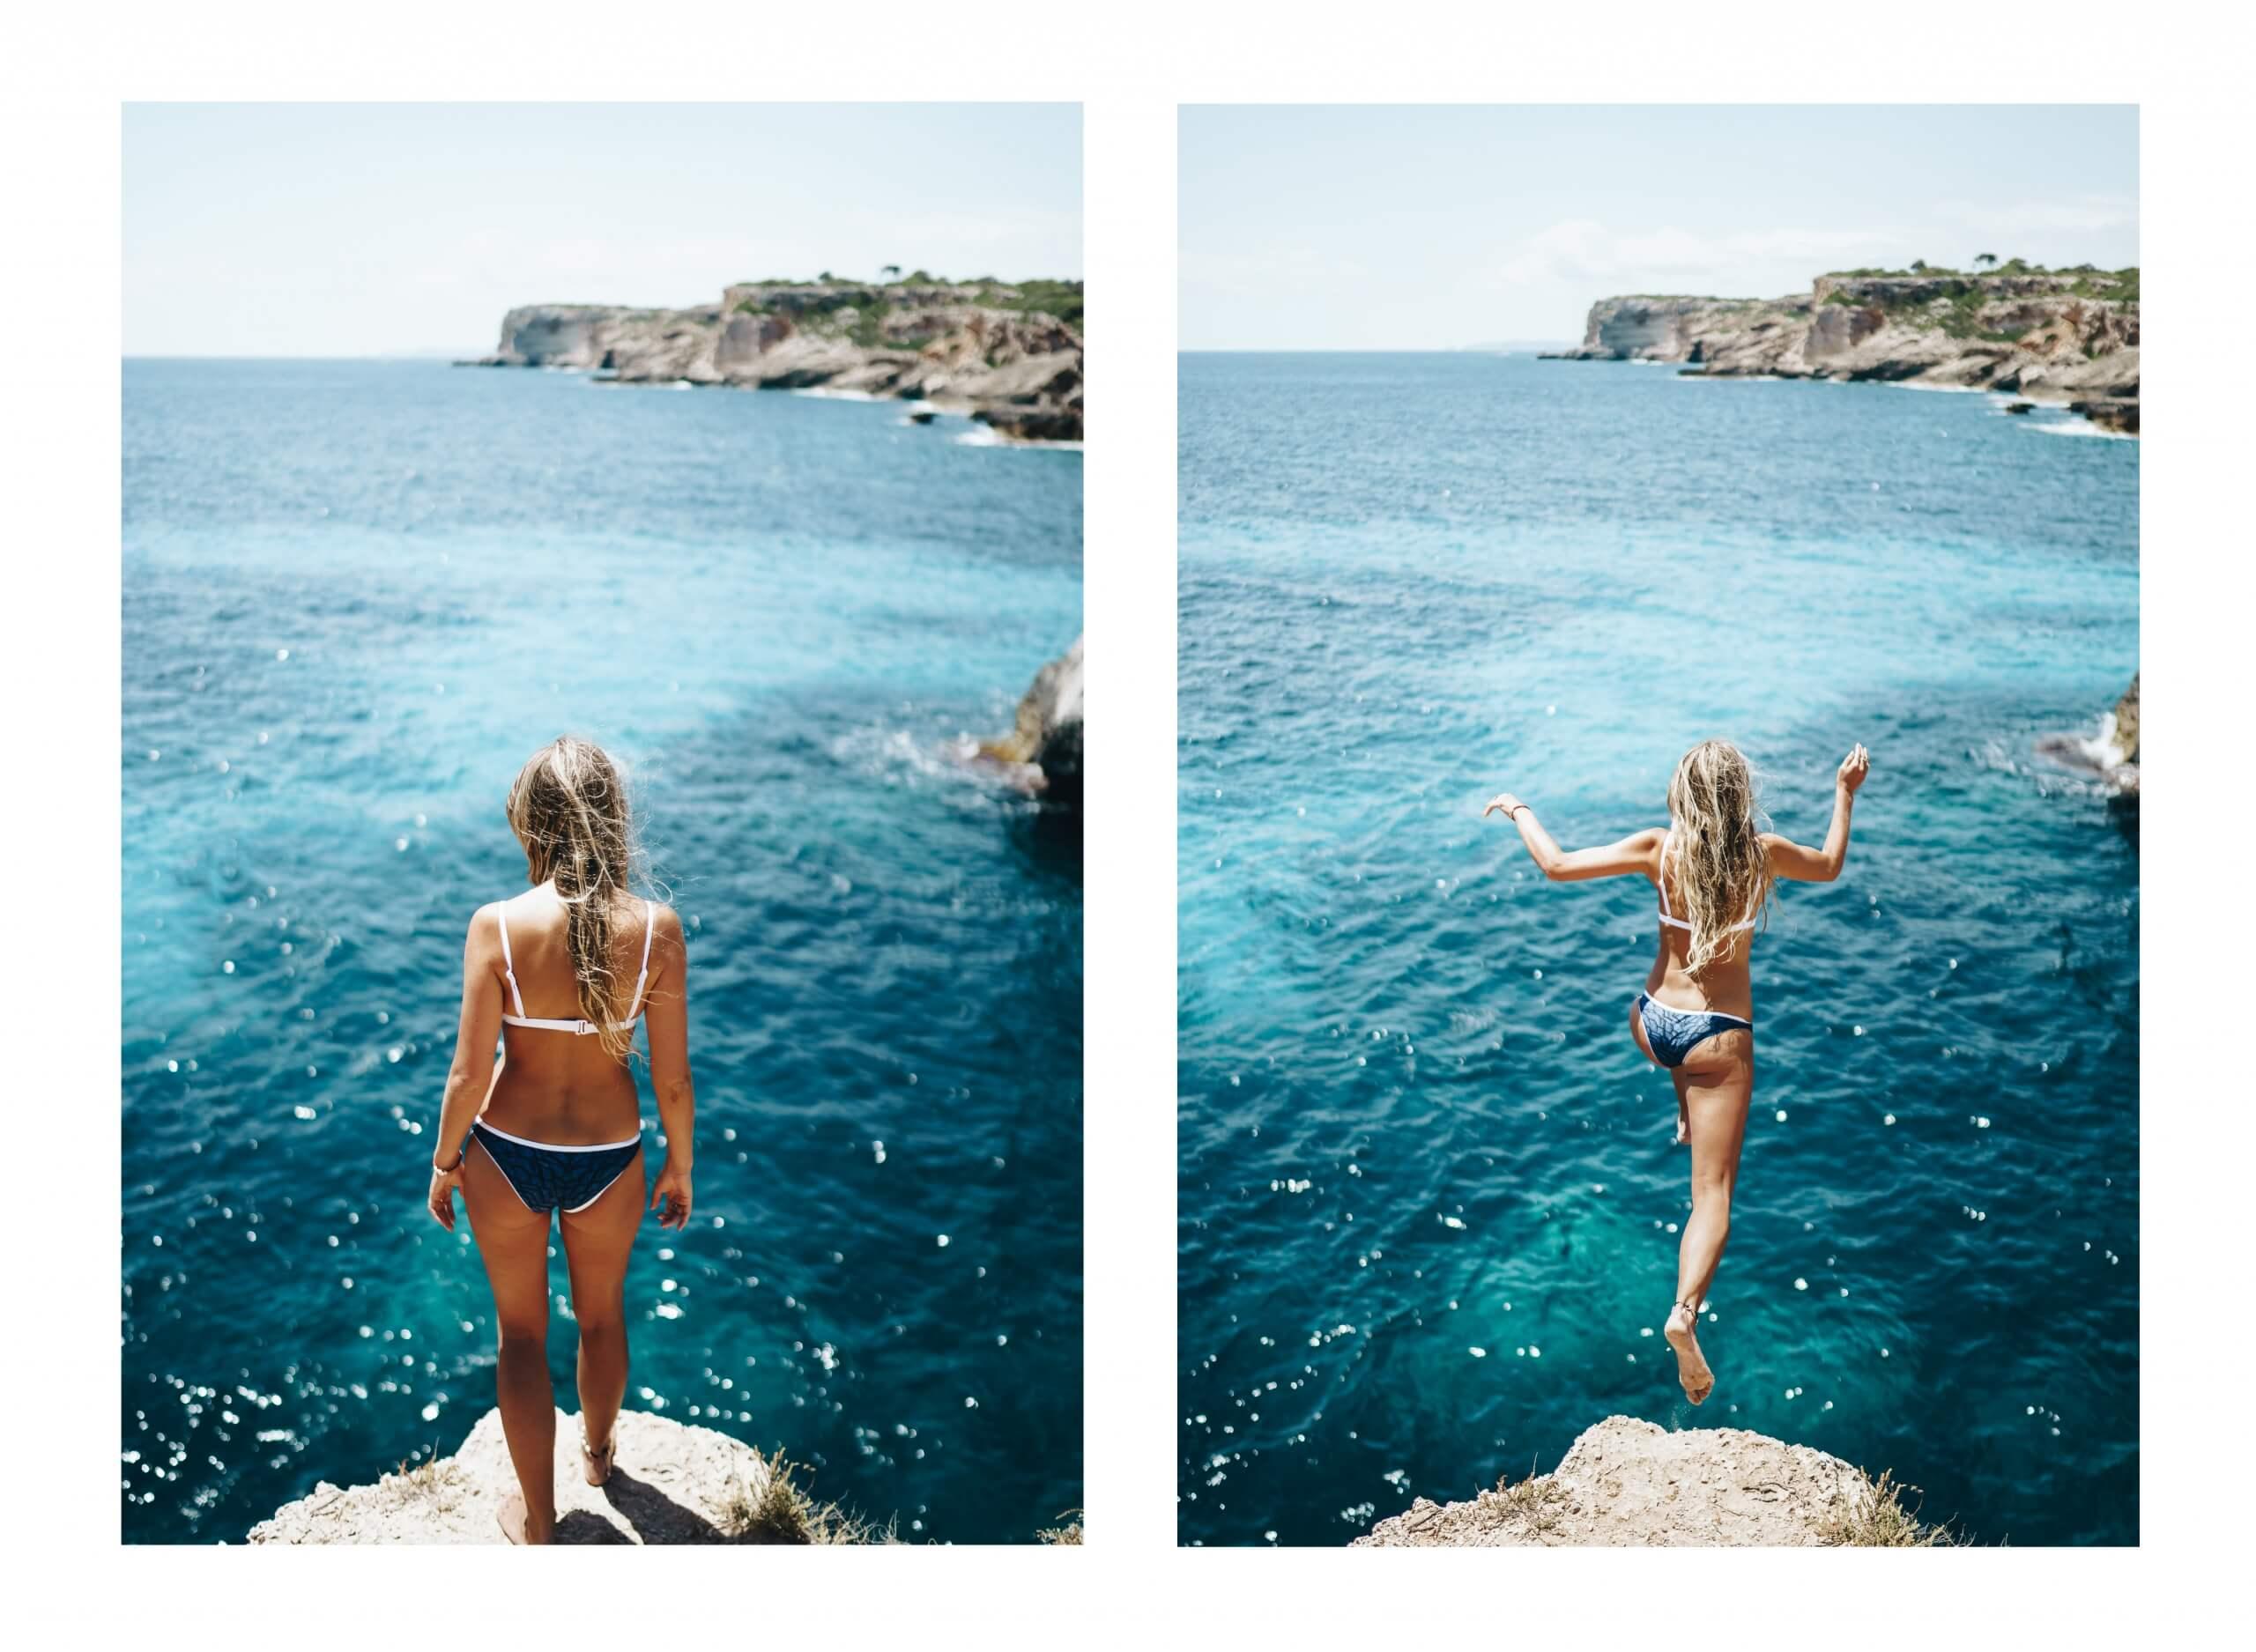 janni-deler-cliff-divingDSC09719 copy